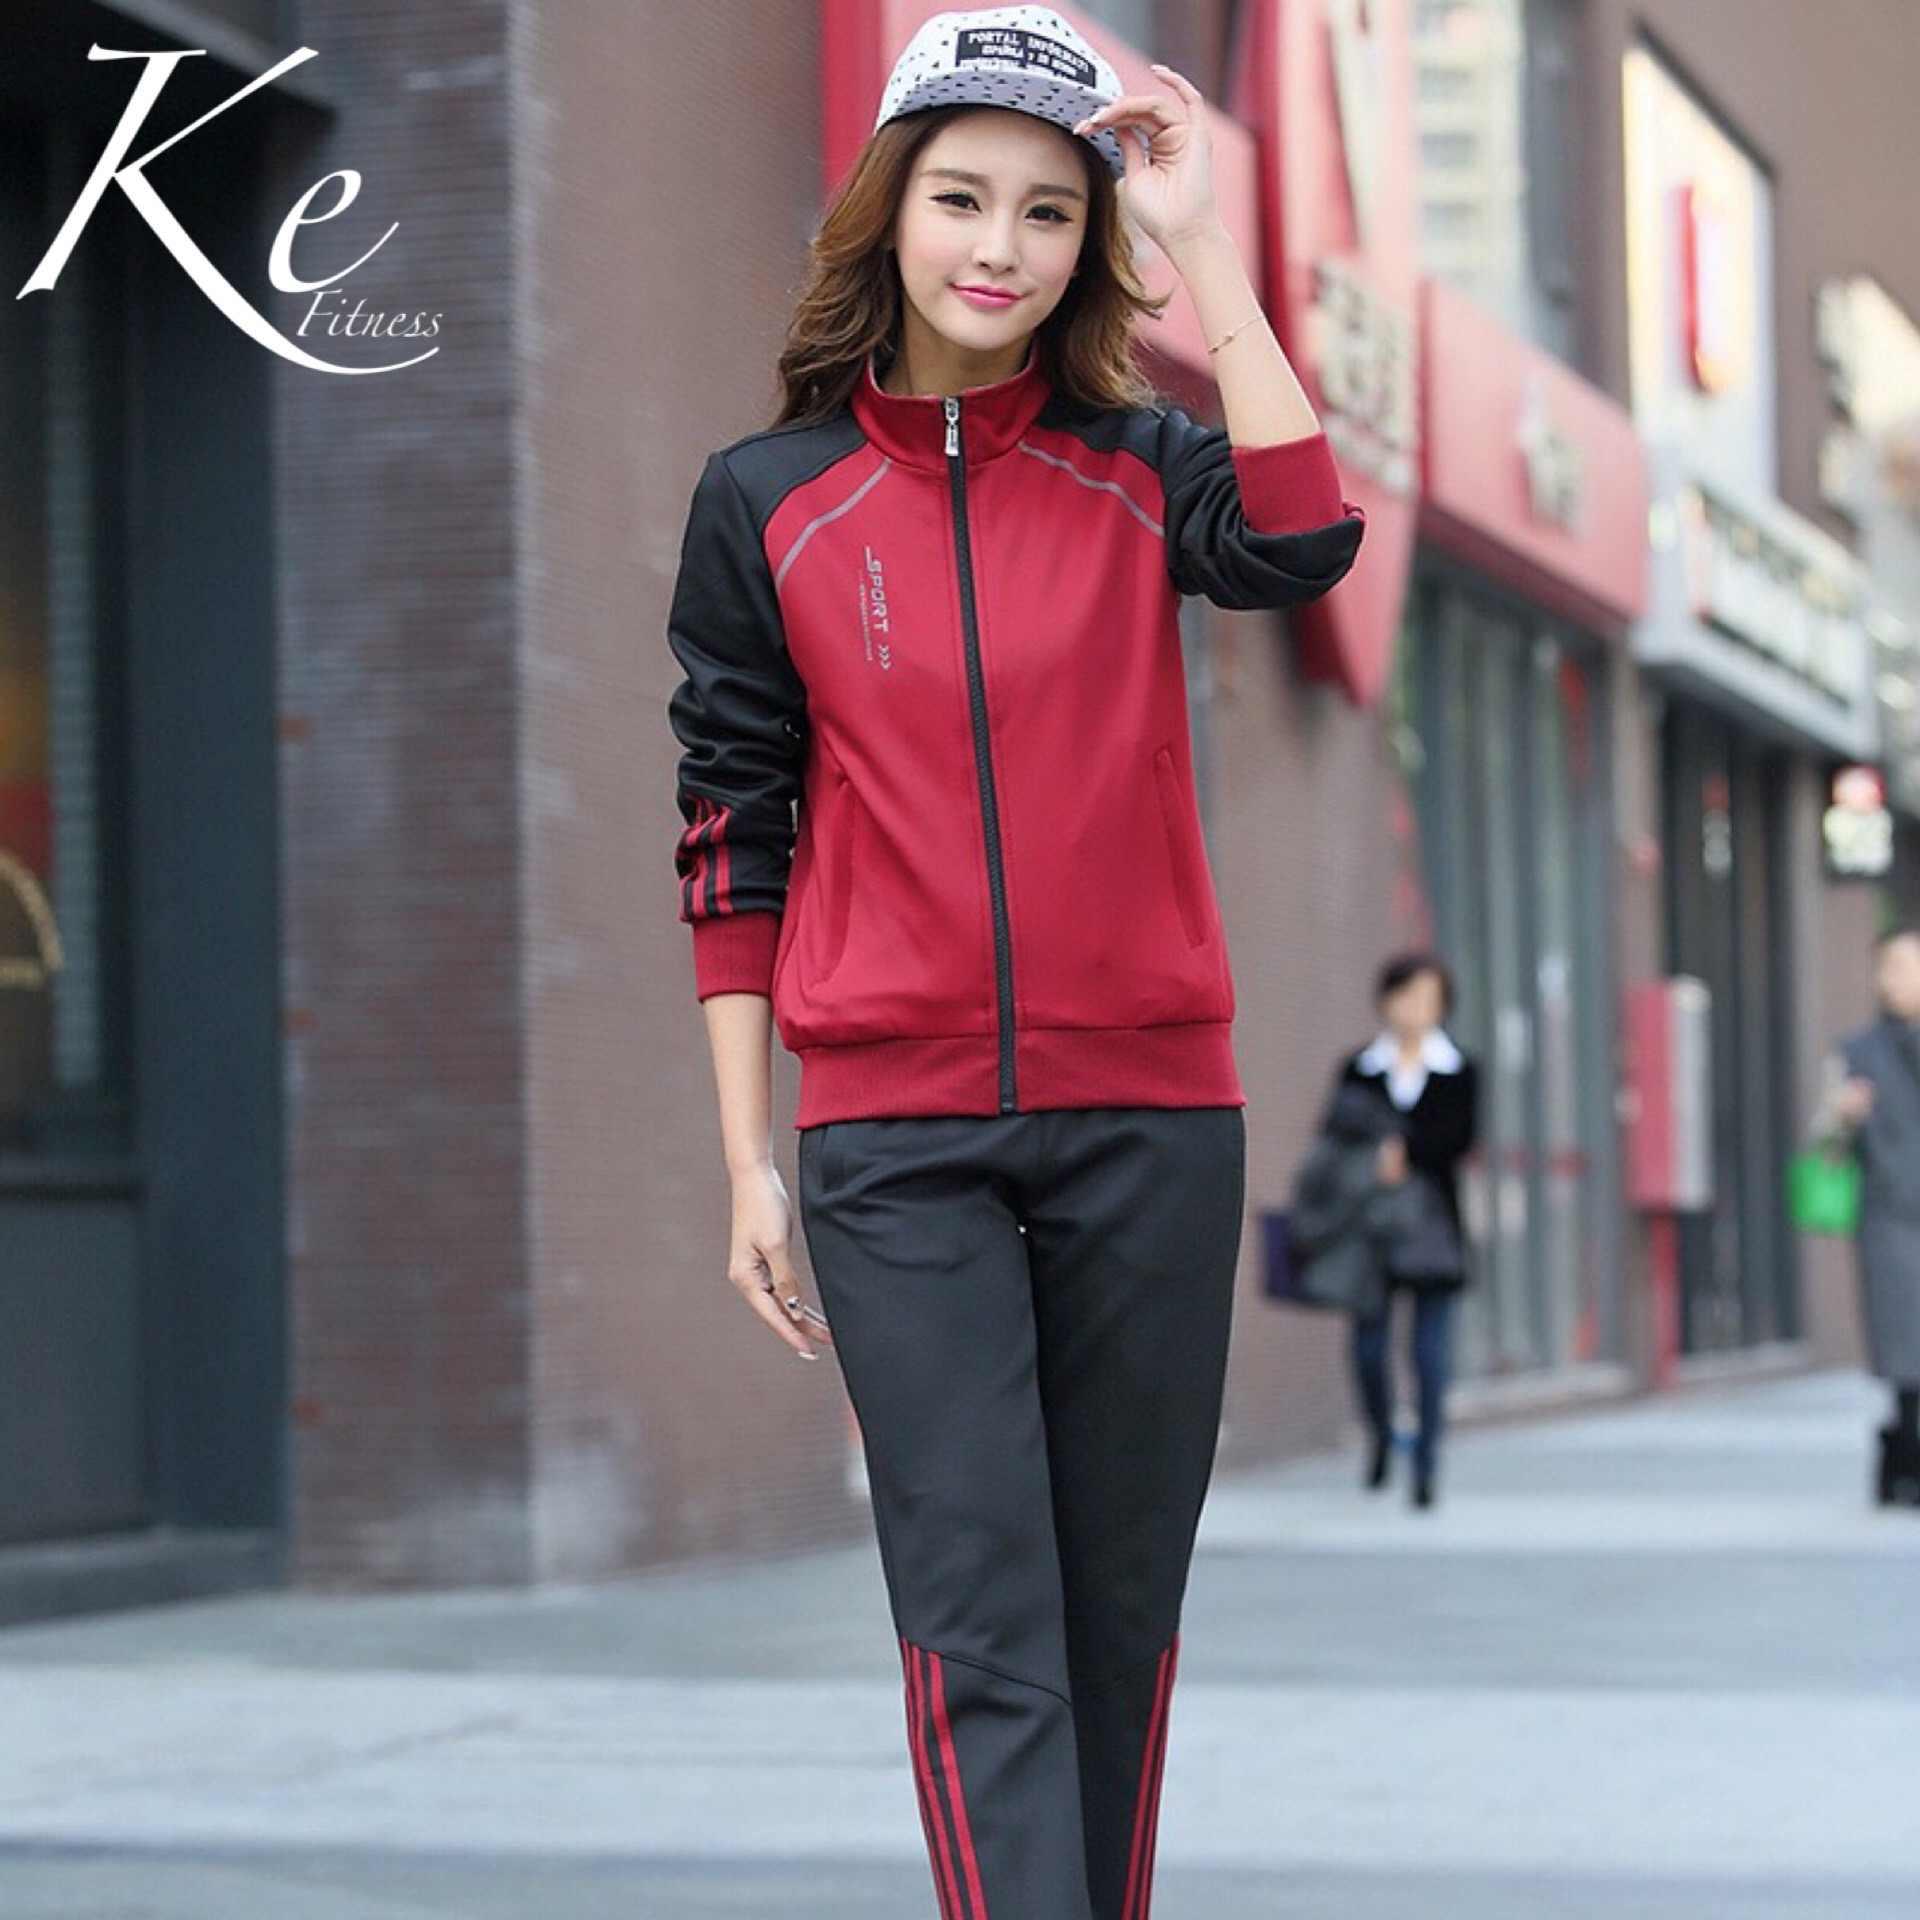 KE Sport set di grande formato più il maglione amanti coppie unisex tuta uomo donna uniforme abbigliamento casual studente uniformi